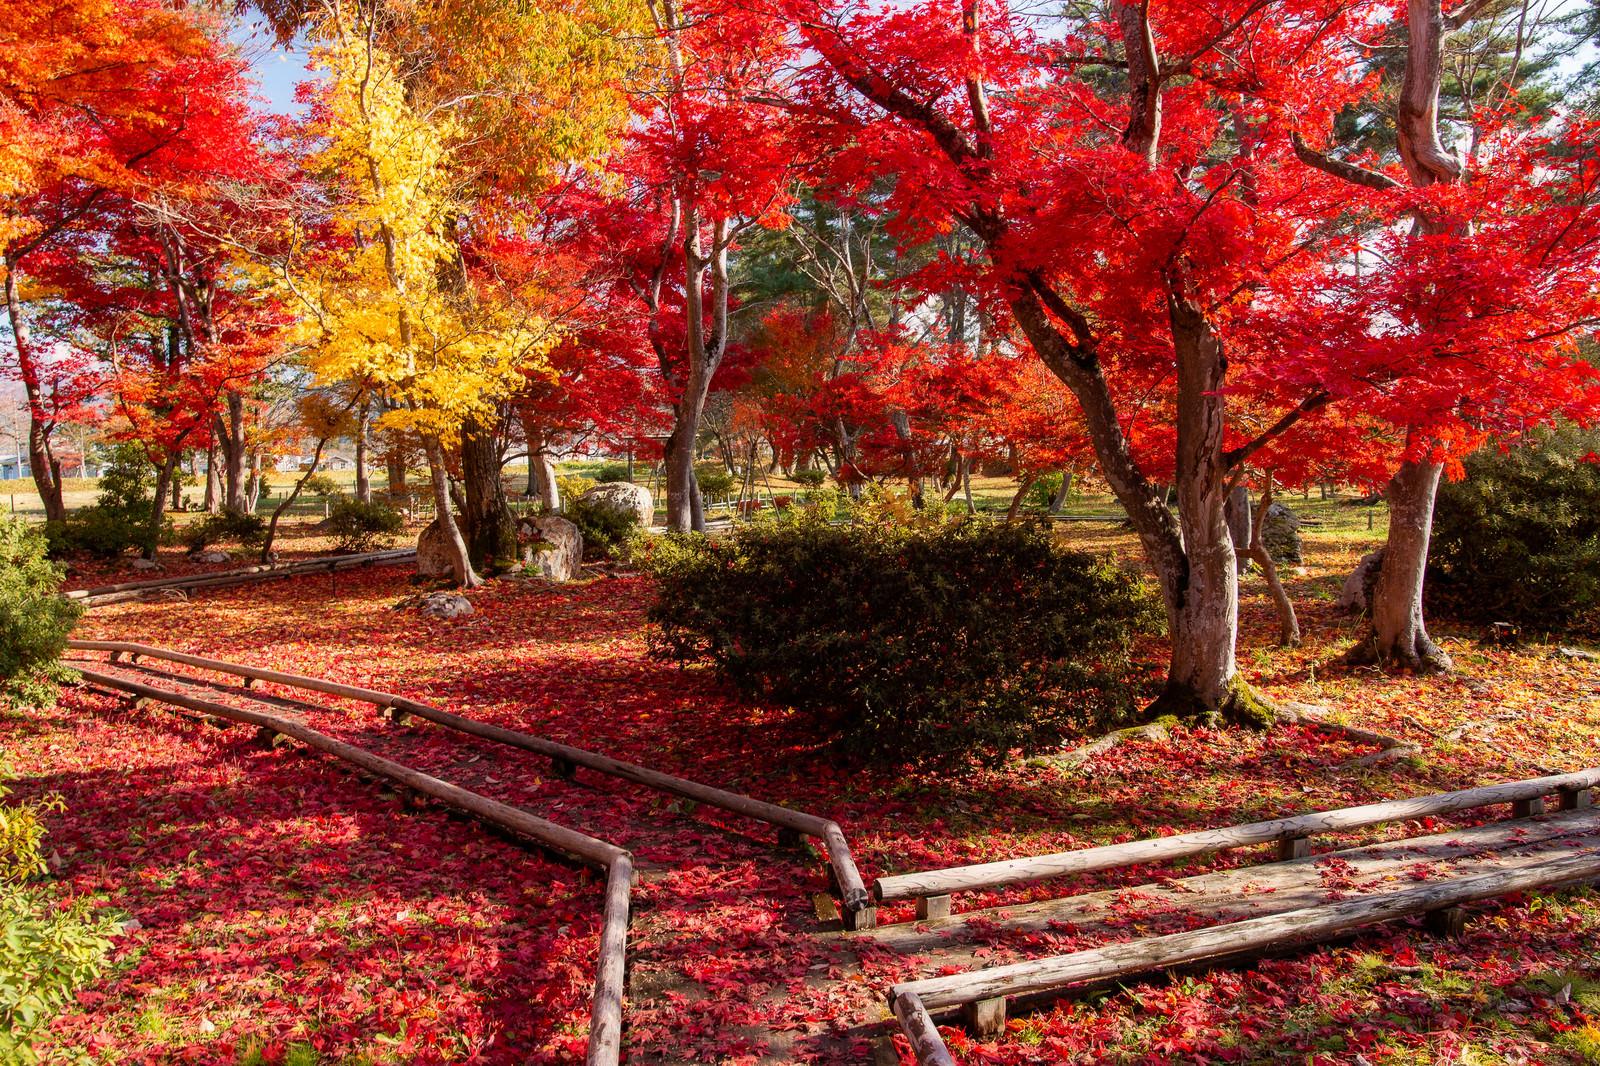 「落葉したもみじと日本庭園(旧池田氏庭園・払田分家庭園)」の写真